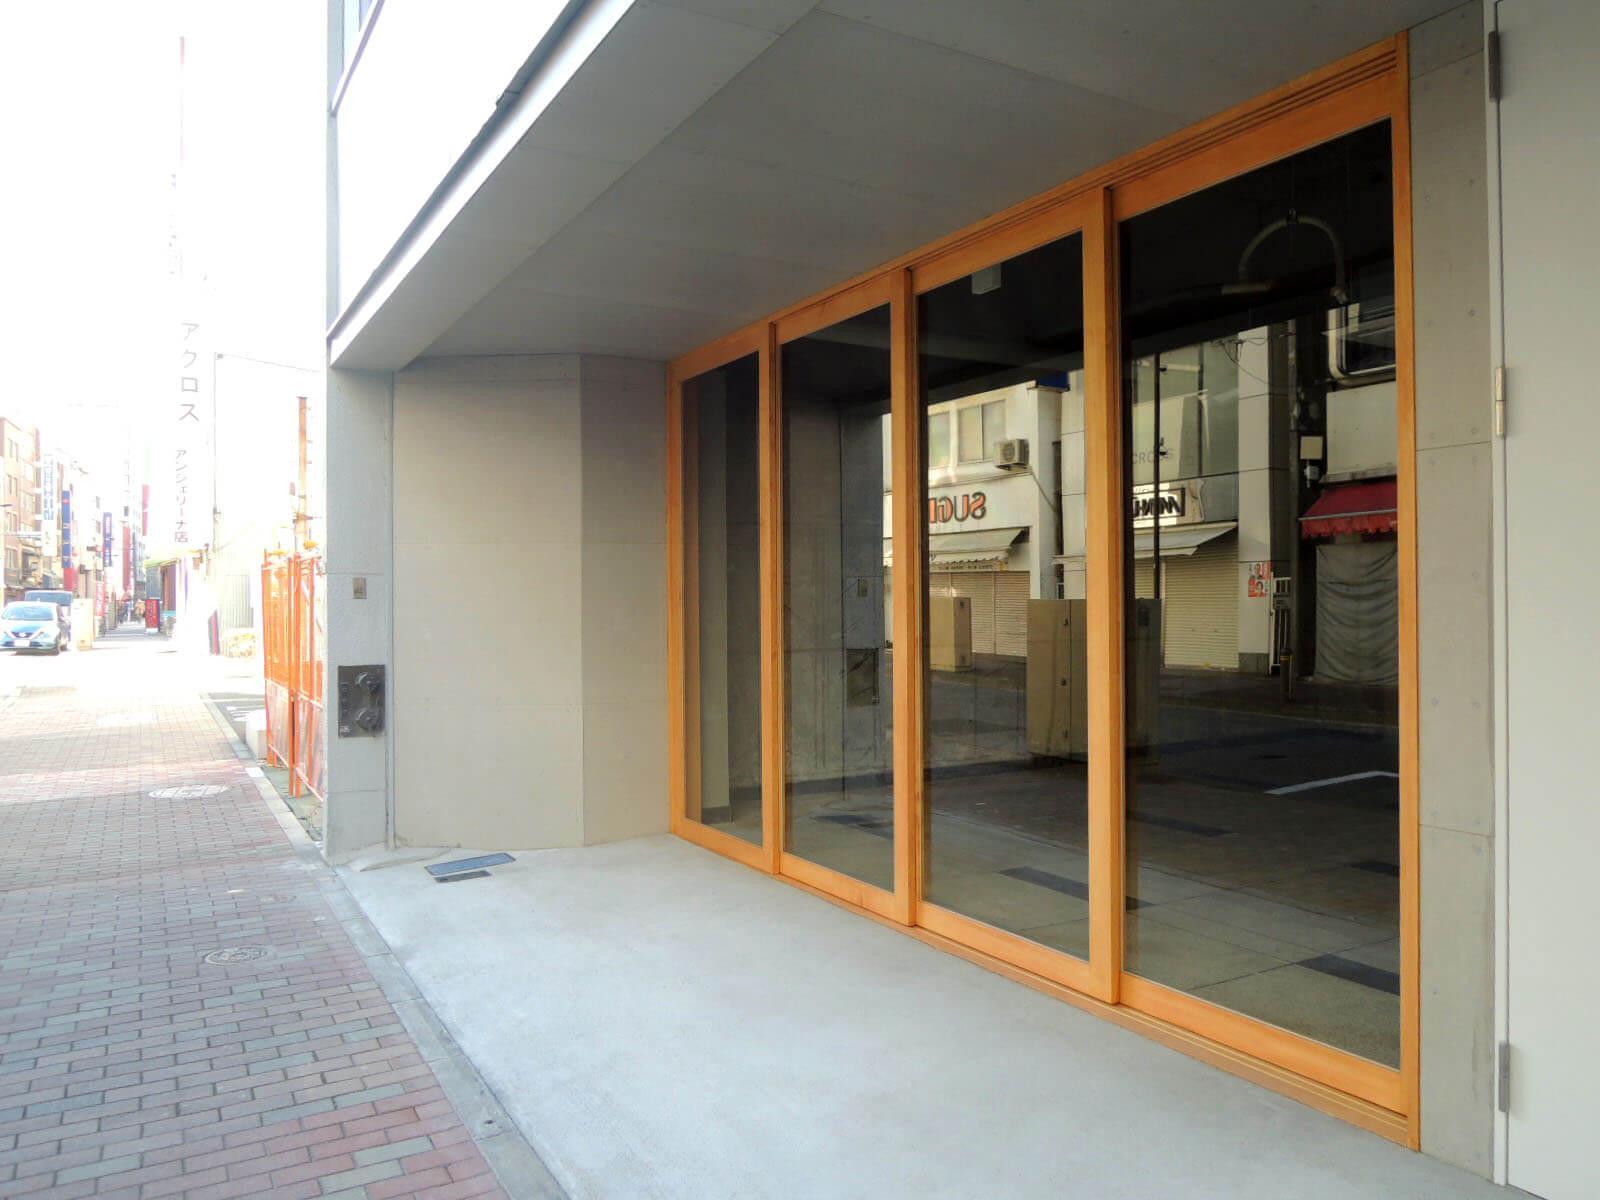 1階の店舗区画に何が入ってくれるかも楽しみ。